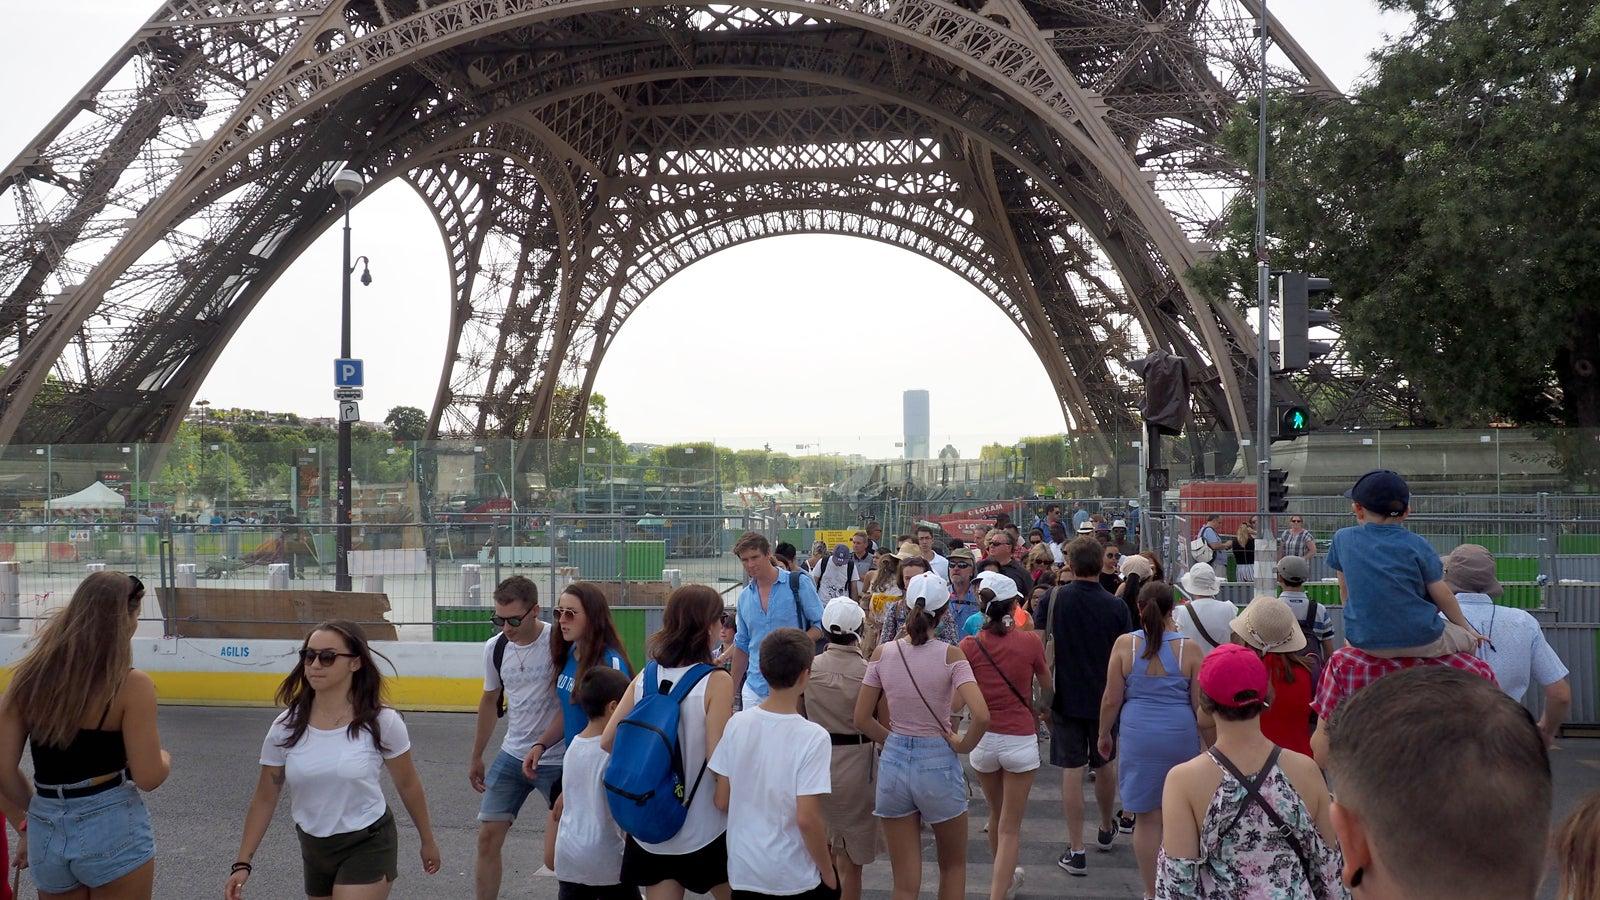 Zutritt verboten: Touristen-Hotspots in Europa lassen nicht mehr jeden rein